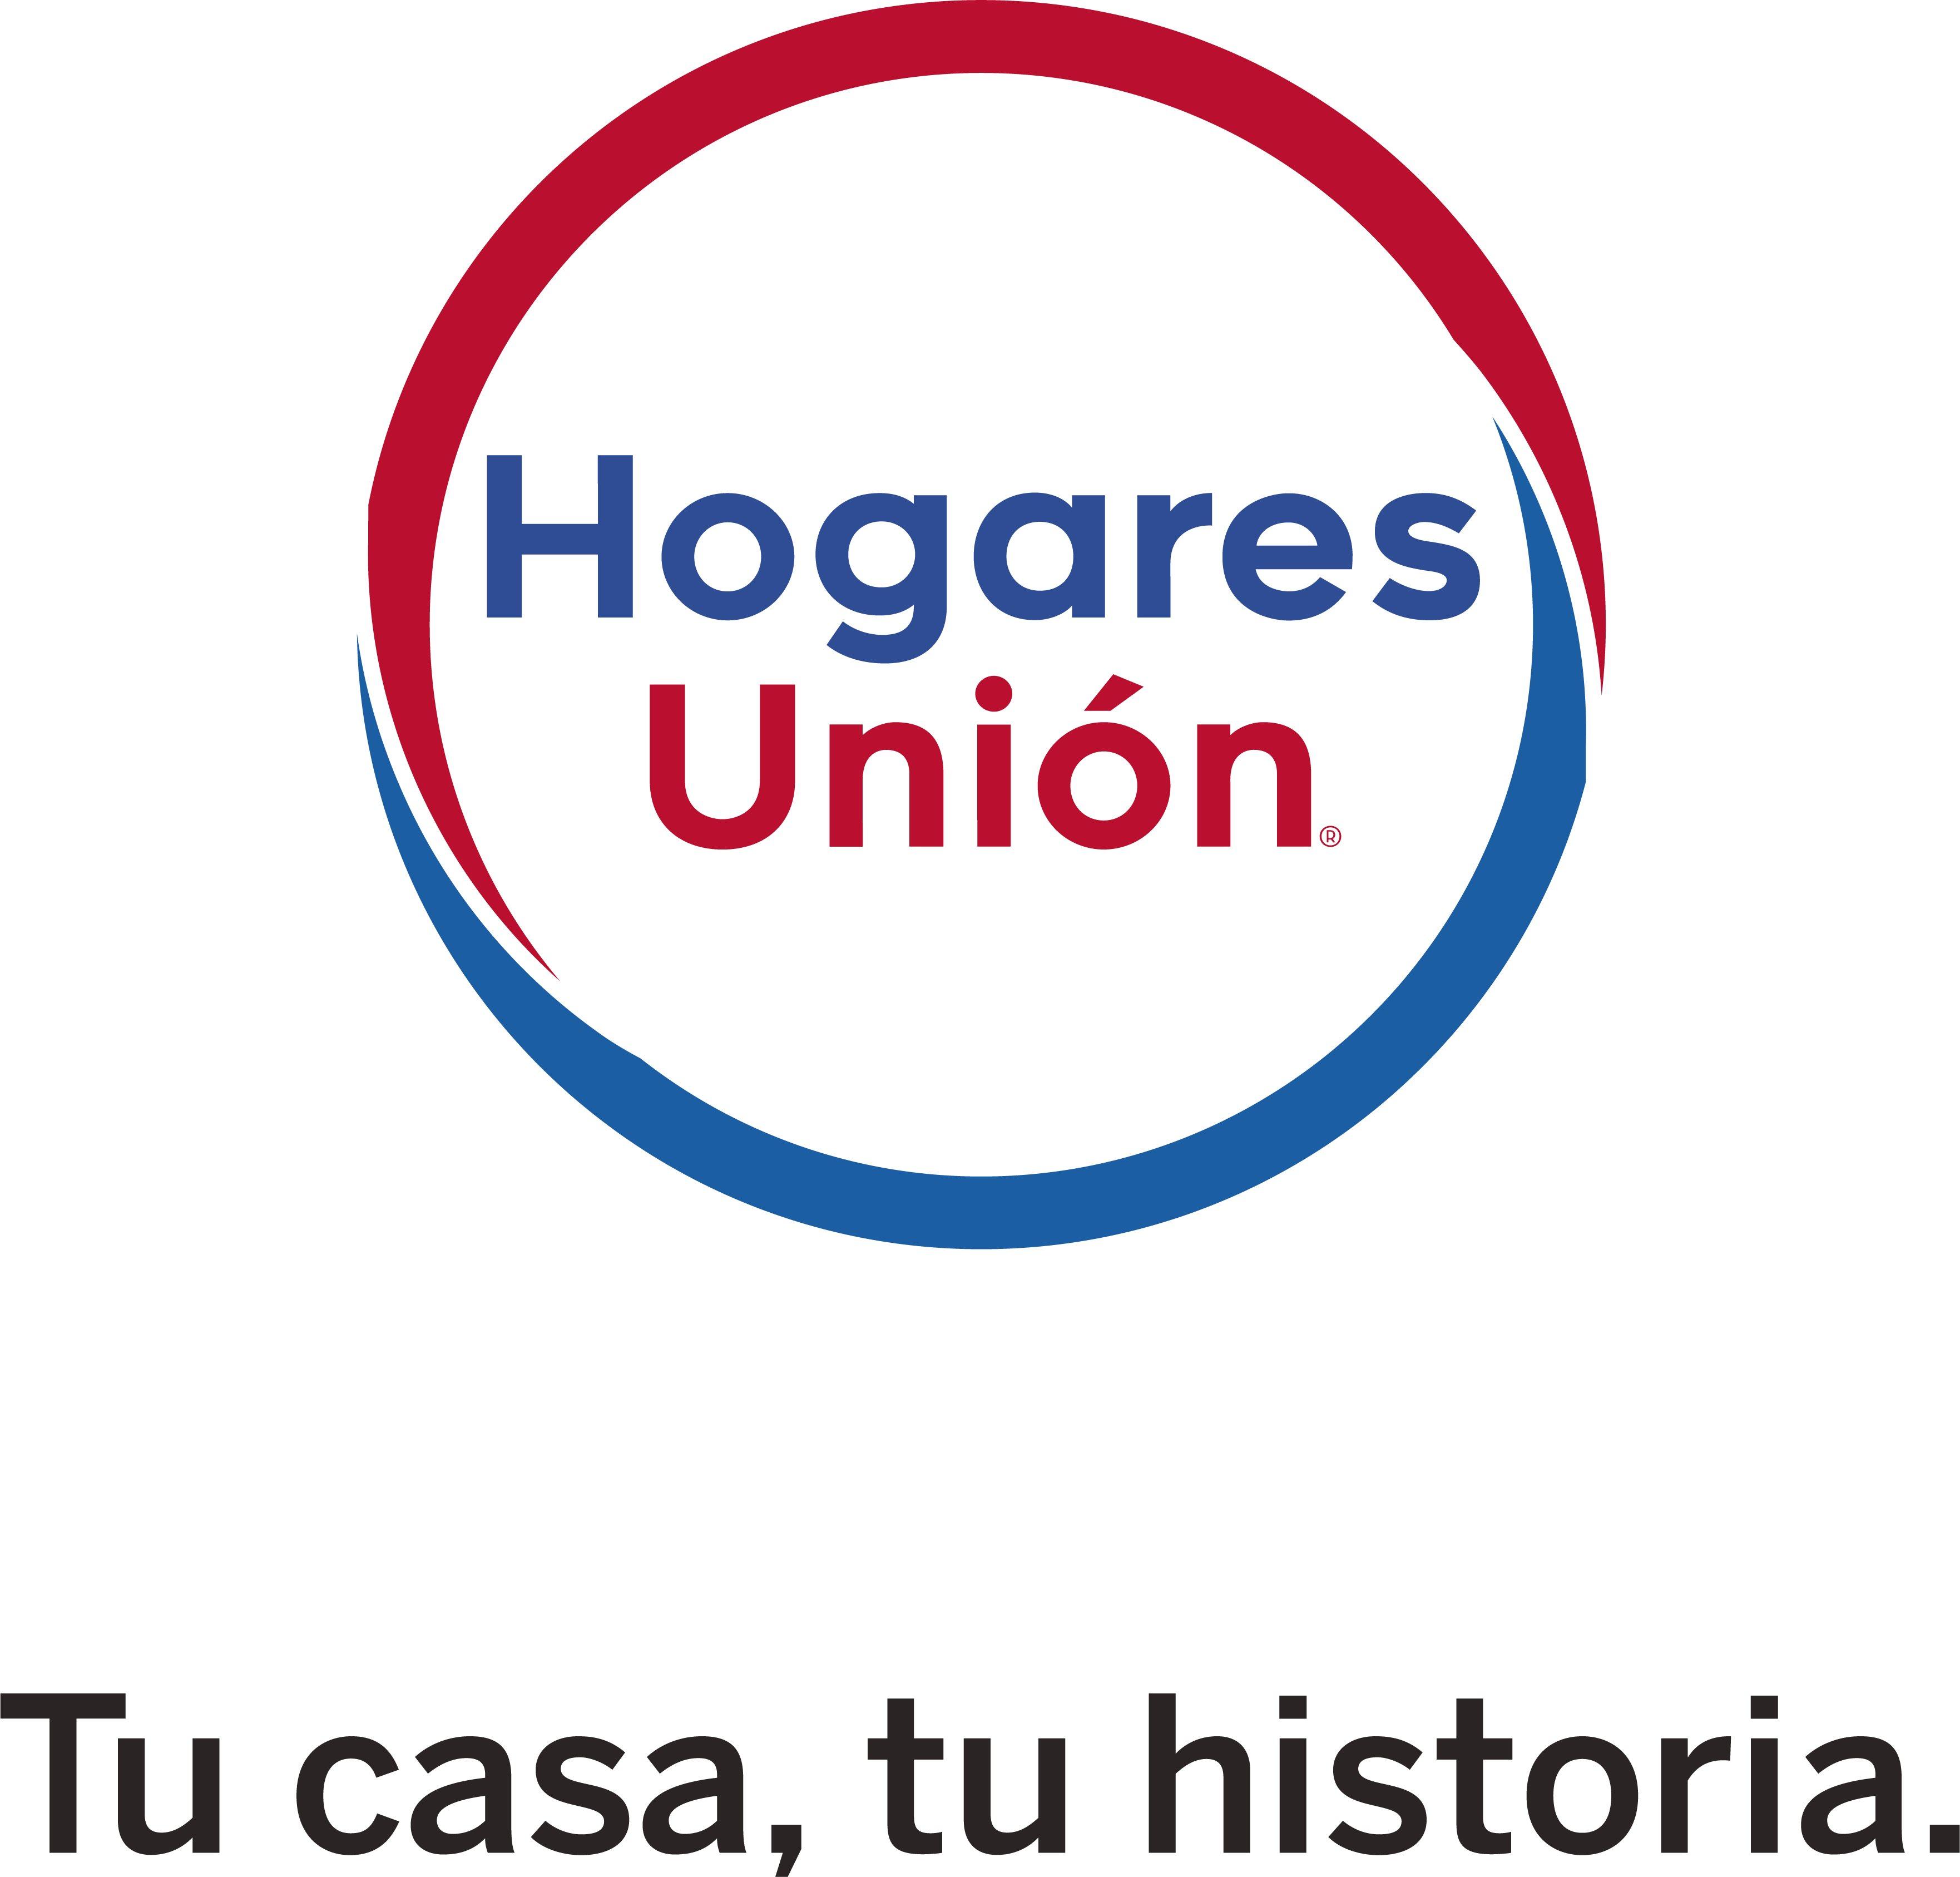 Hogares Unión S. A de C. V